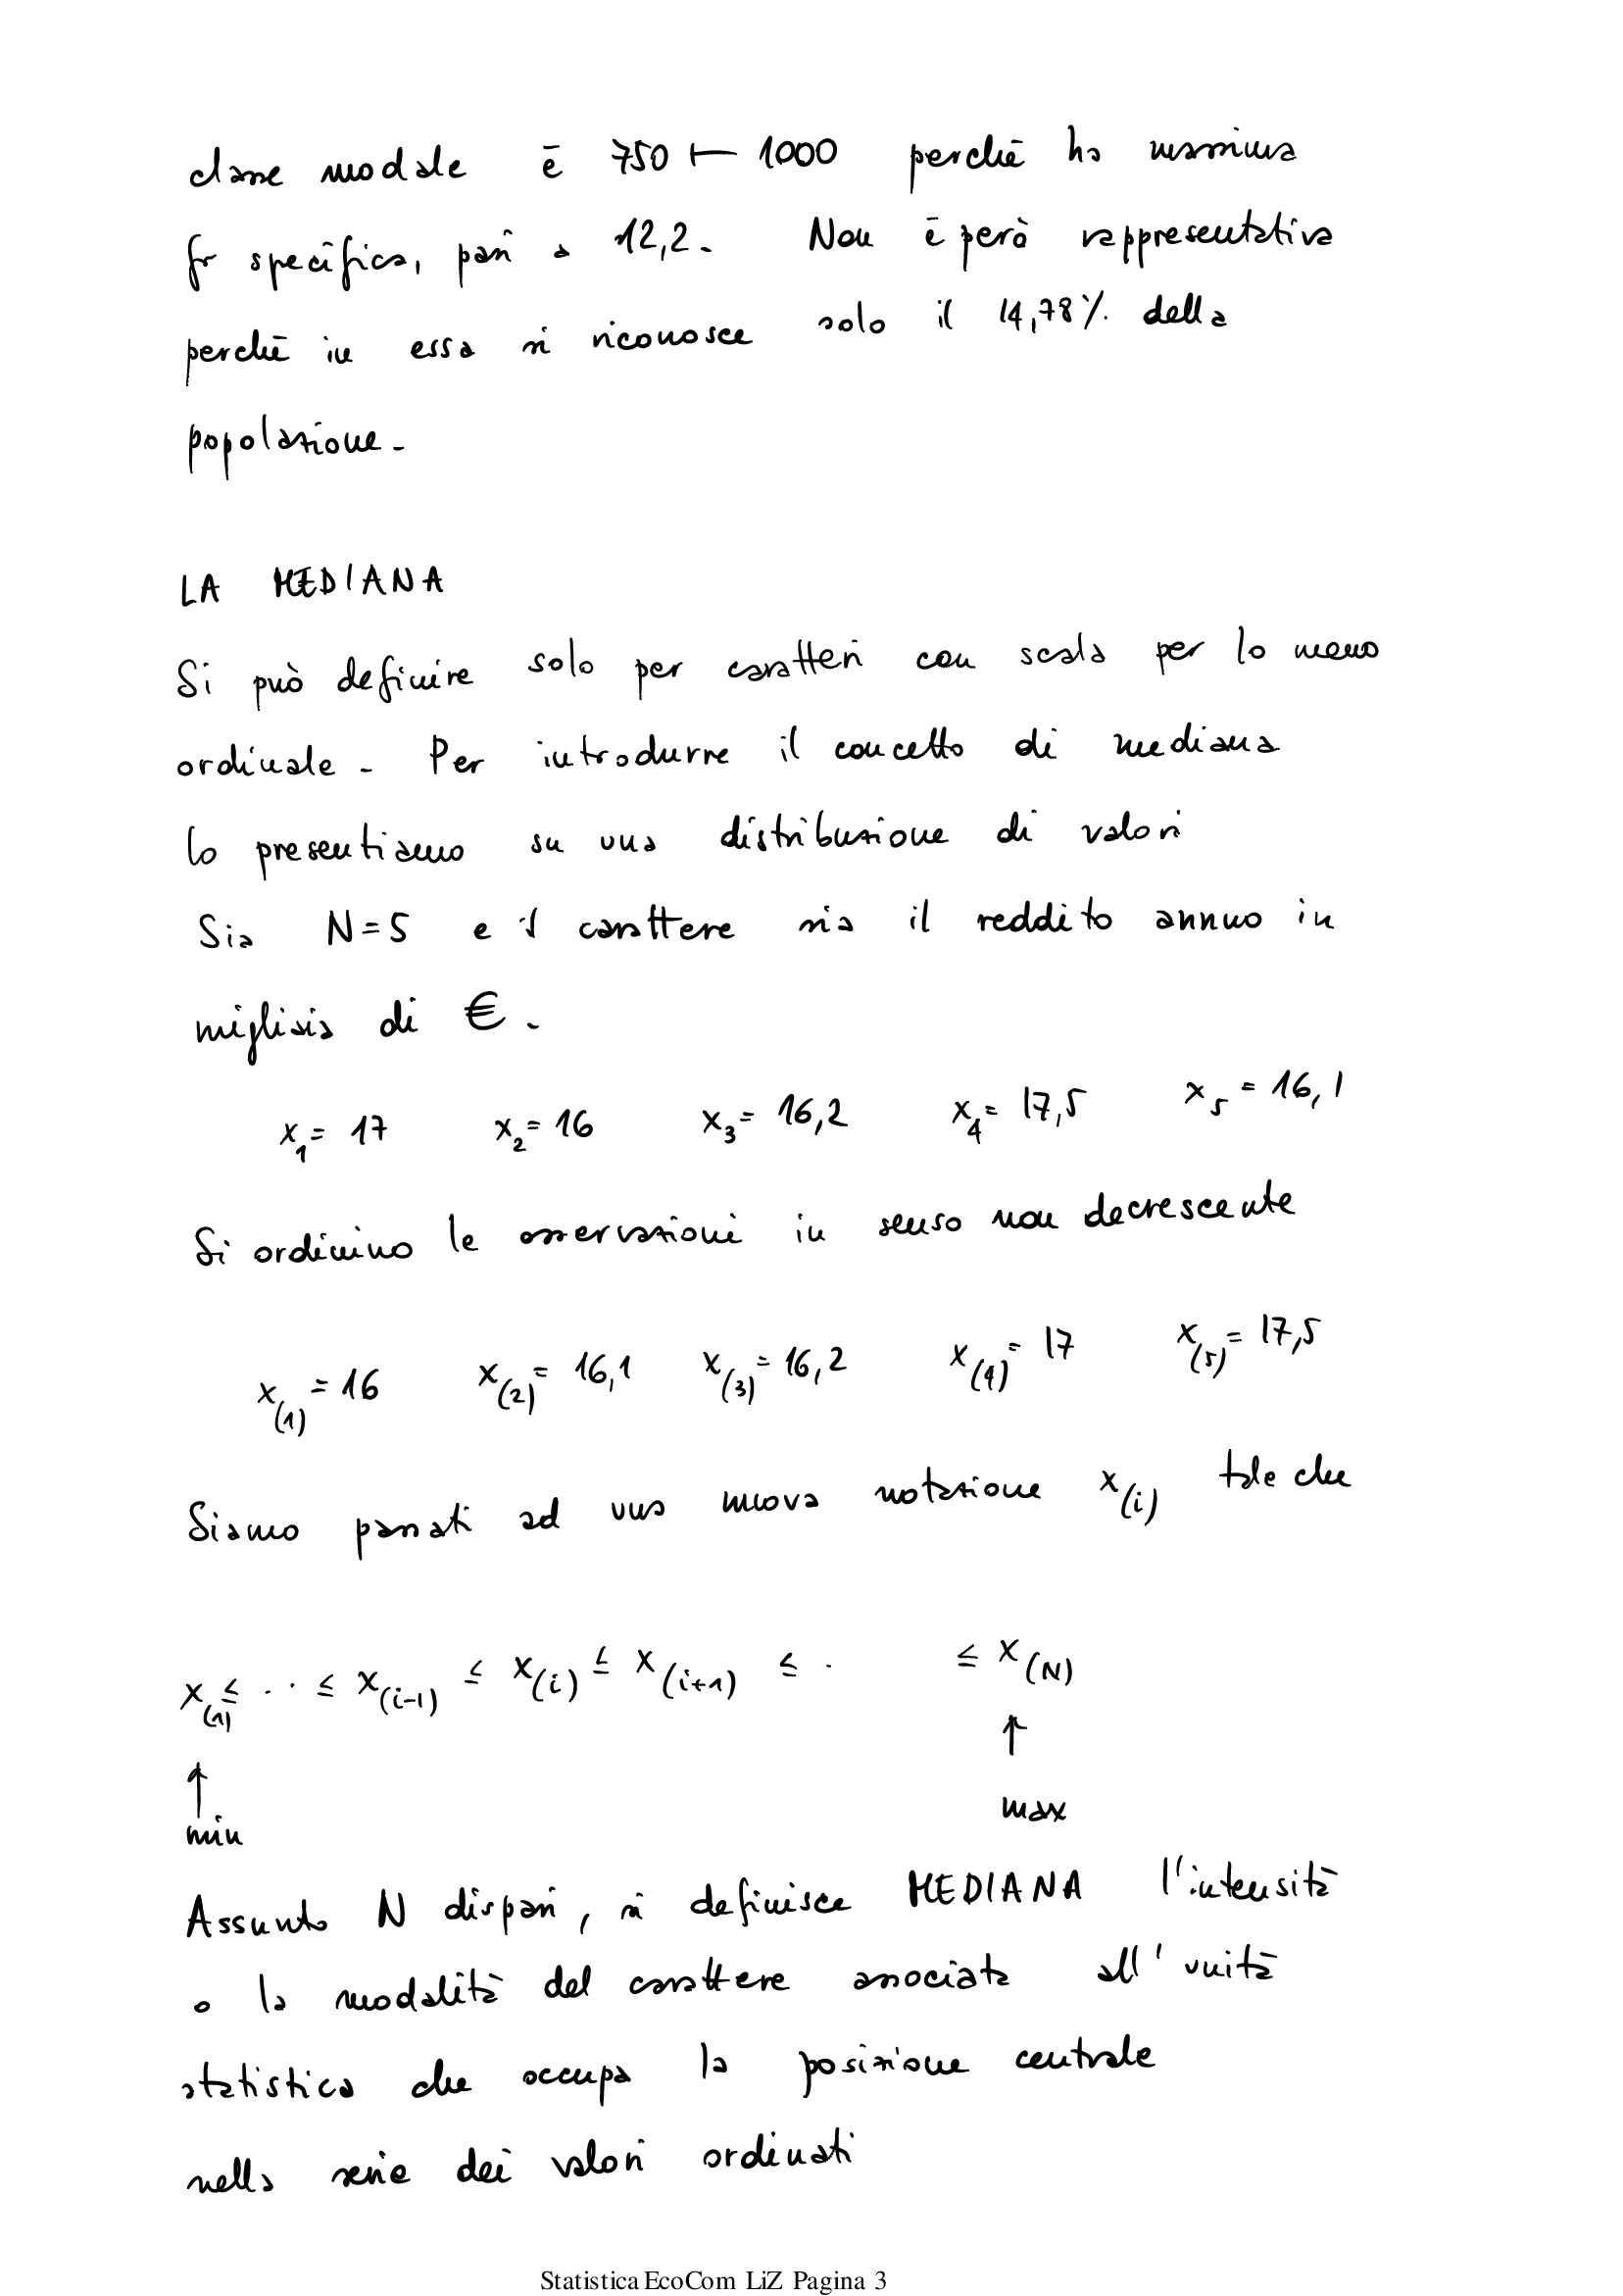 Appunti di Statistica descrittiva - I parziale Pag. 31